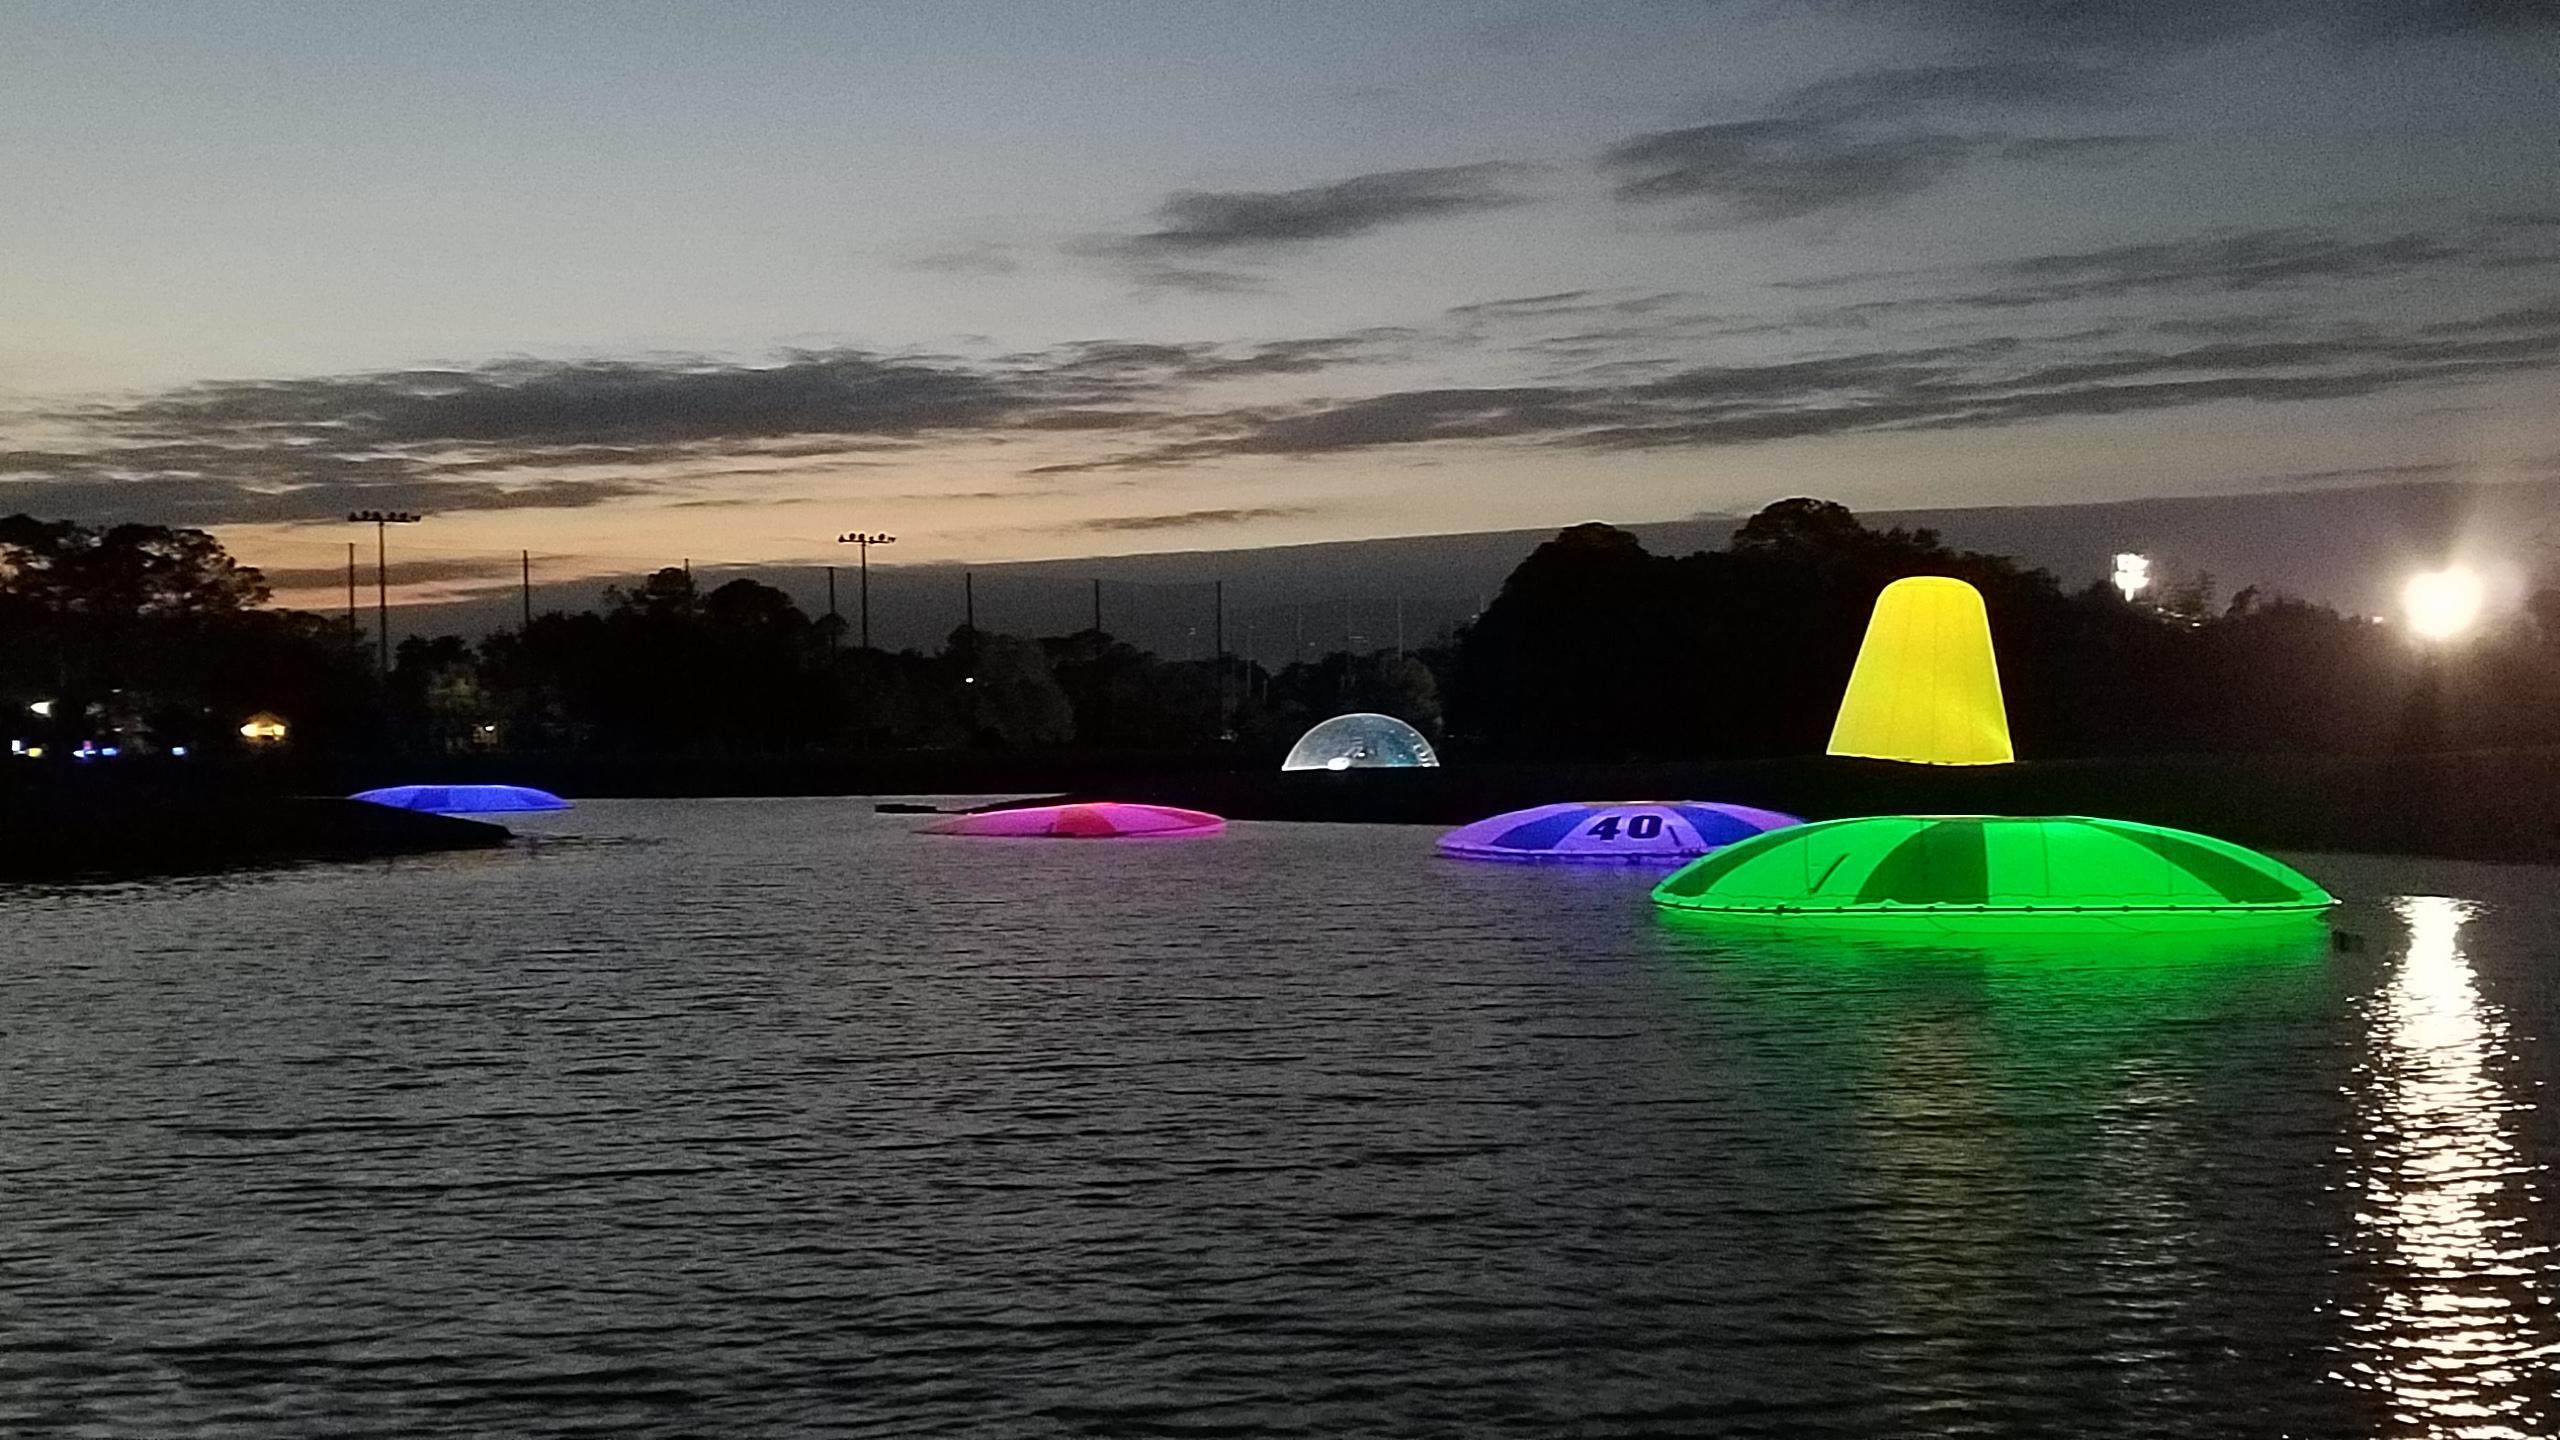 water range targets at night